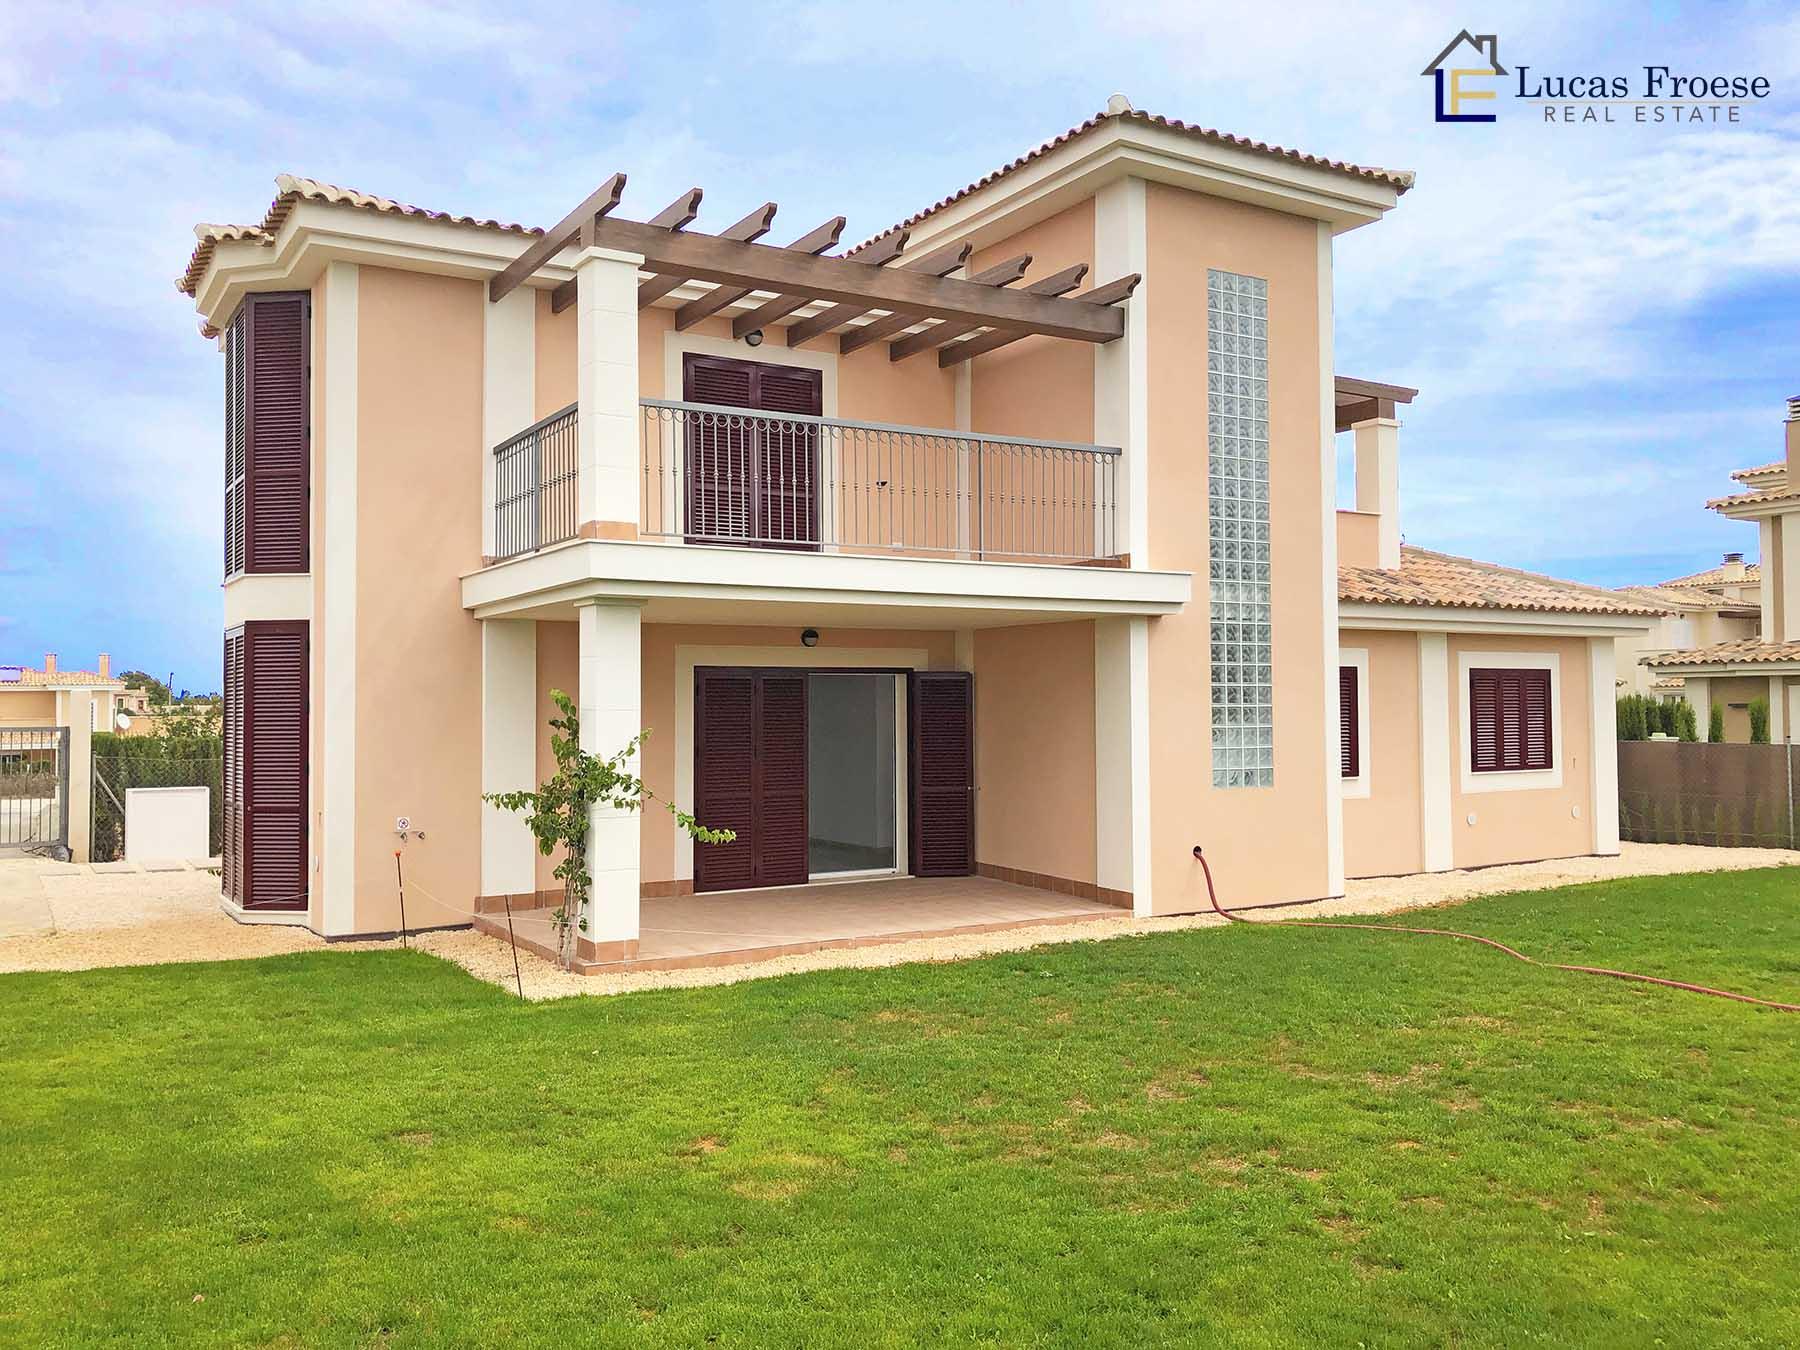 Nueva villa mediterránea con piscina opcional en Cala Murada